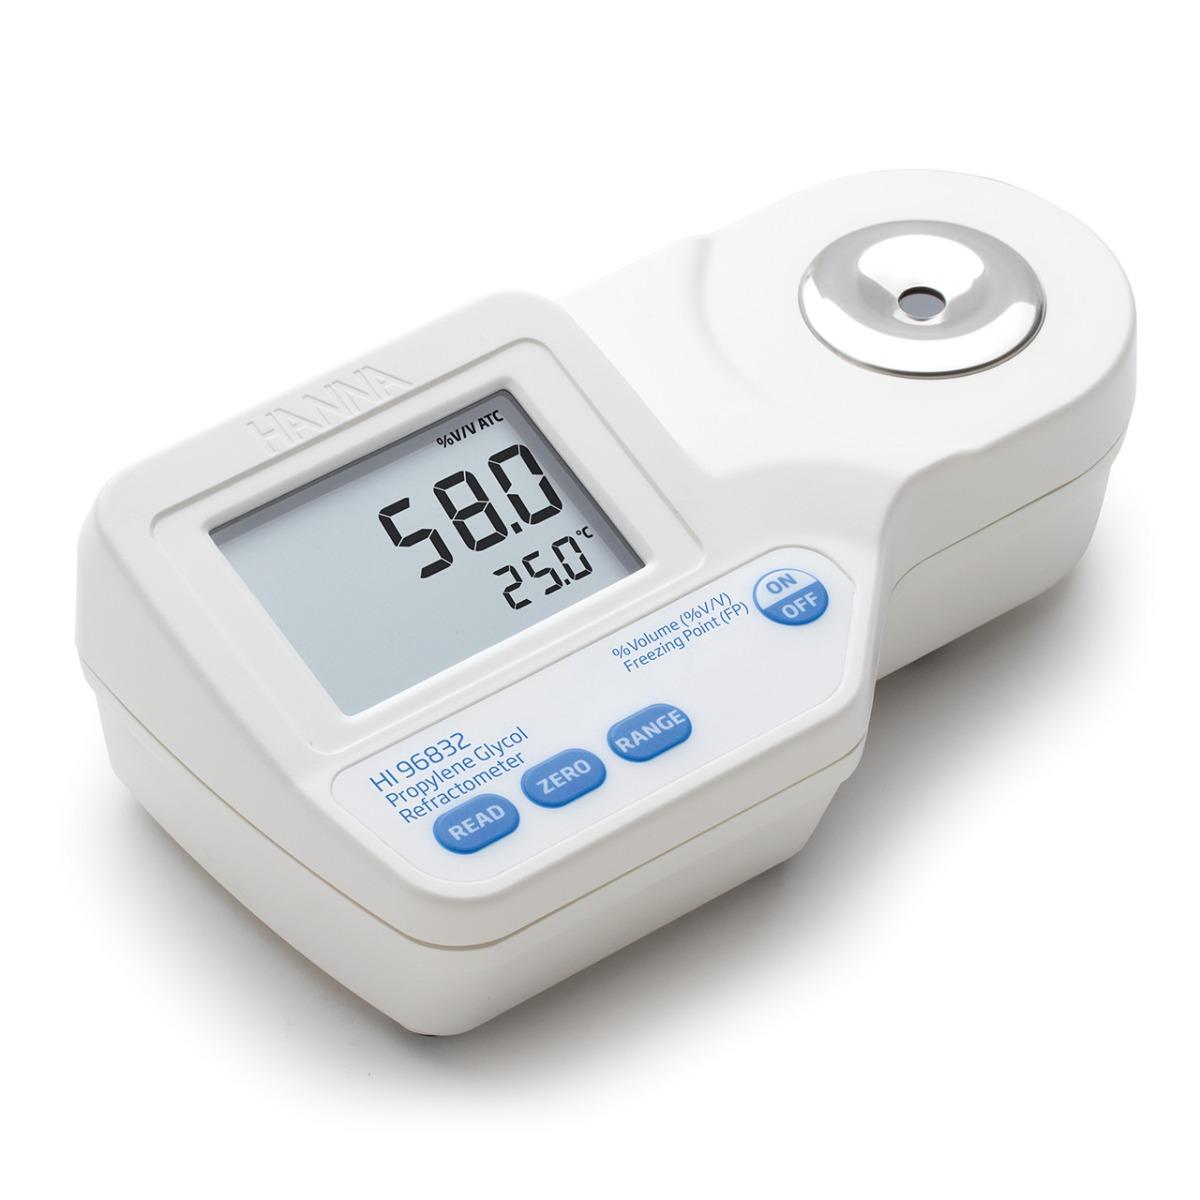 Rifrattometro digitale per analisi di glicole propilenico - HI96832